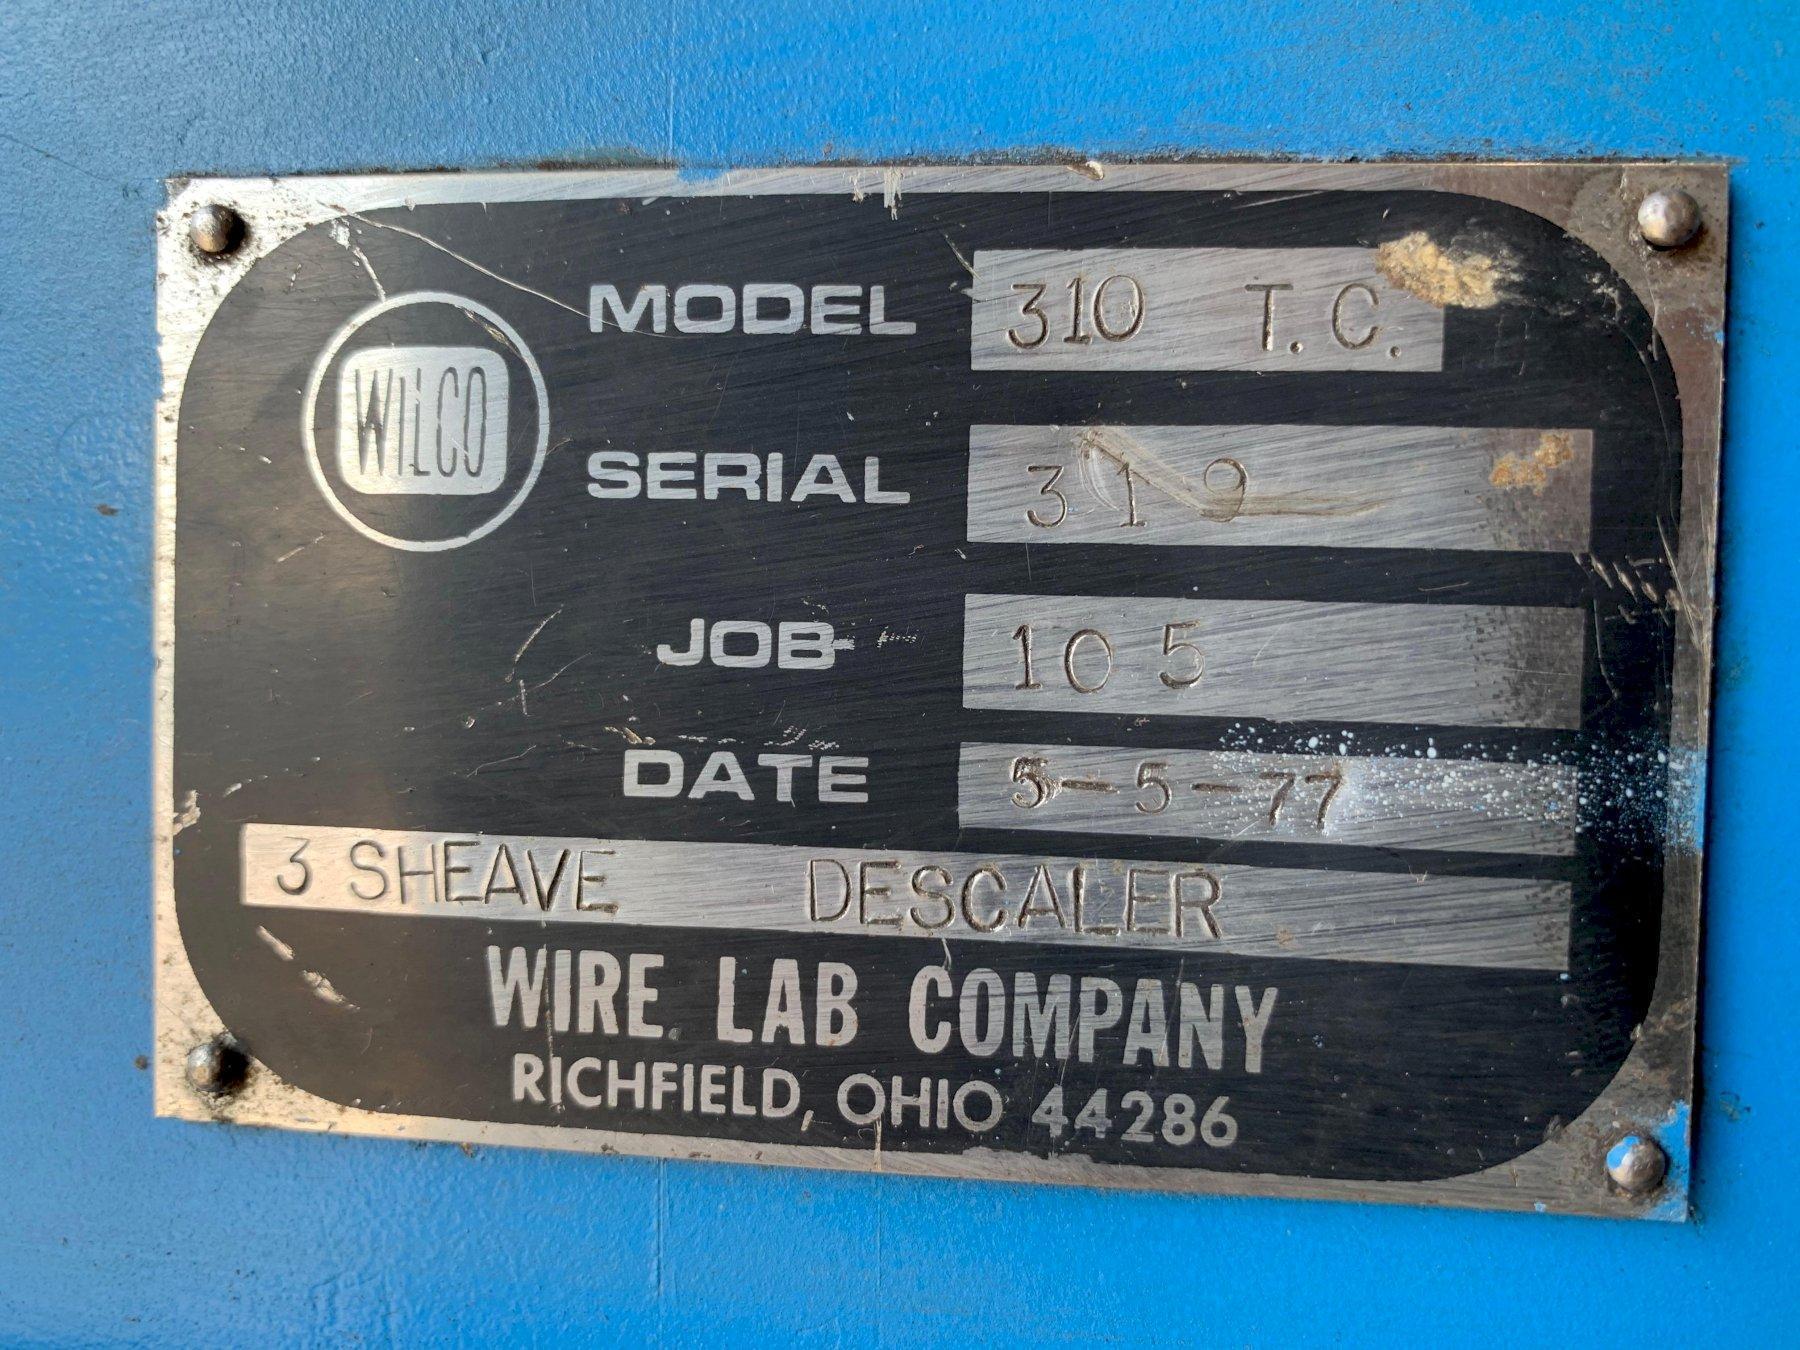 Wirelab 310 Wire Descaler